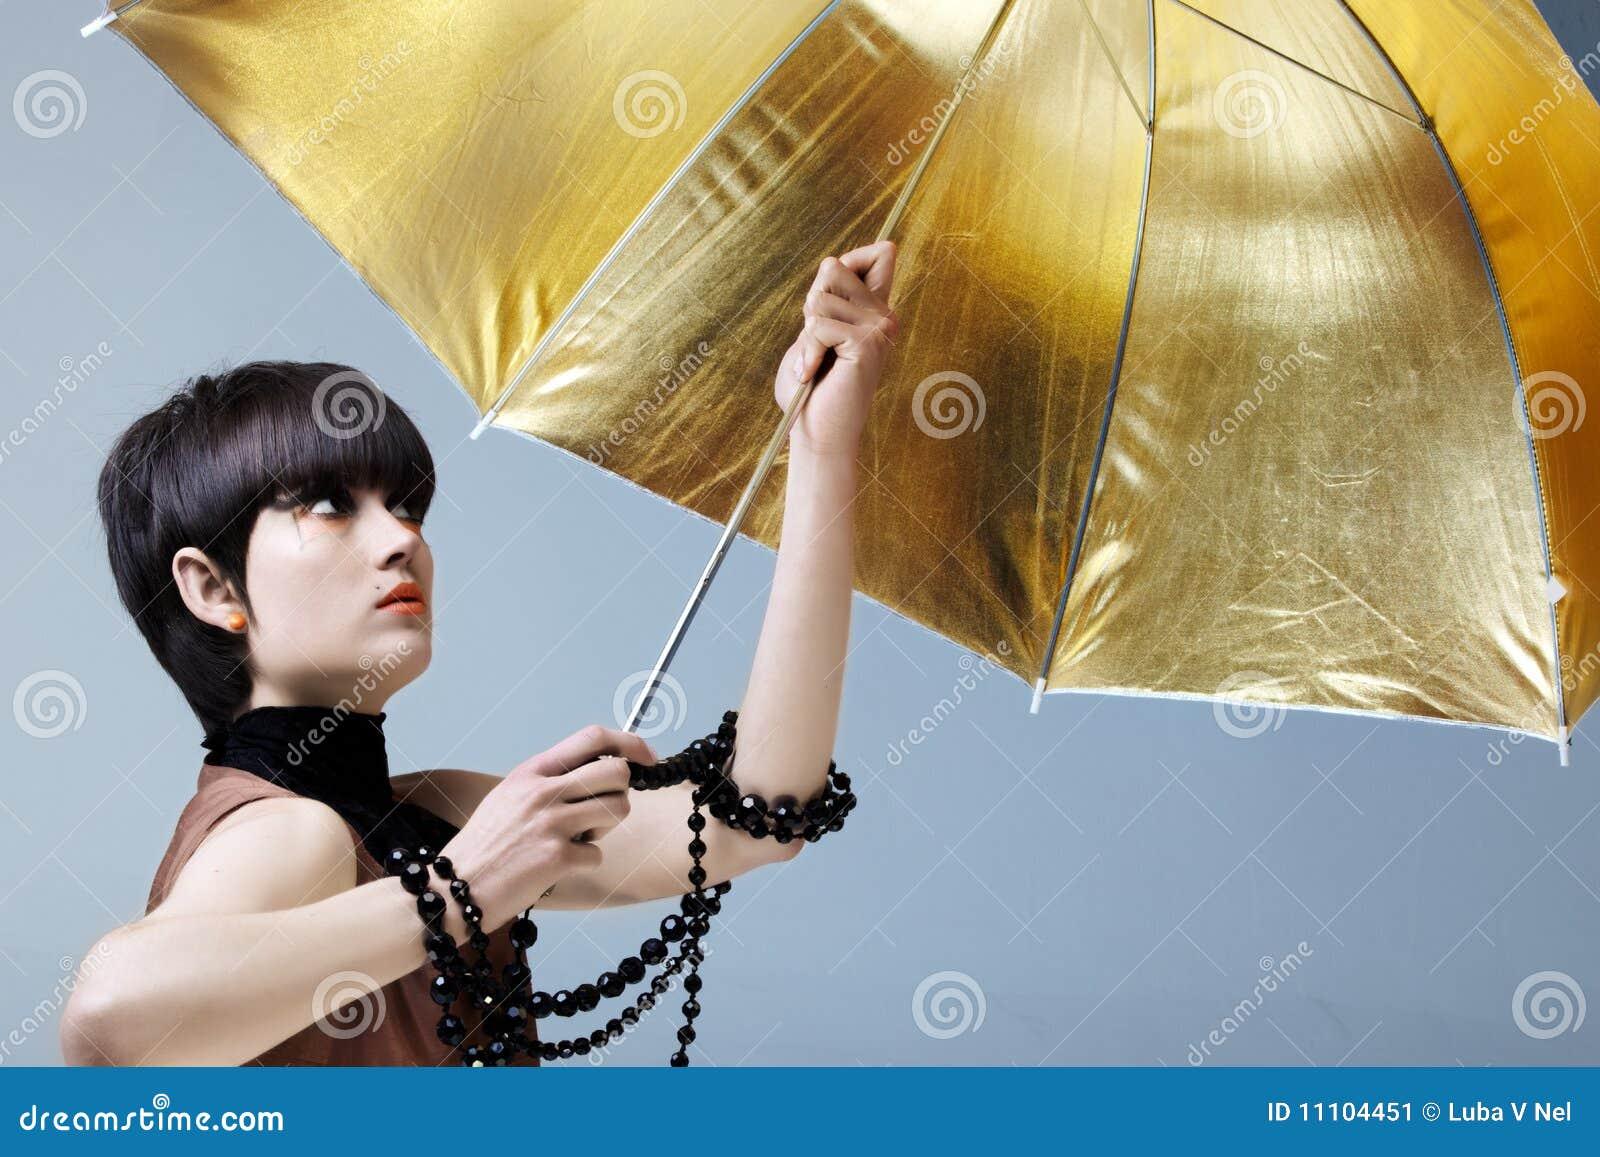 Mulher com guarda-chuva do ouro.